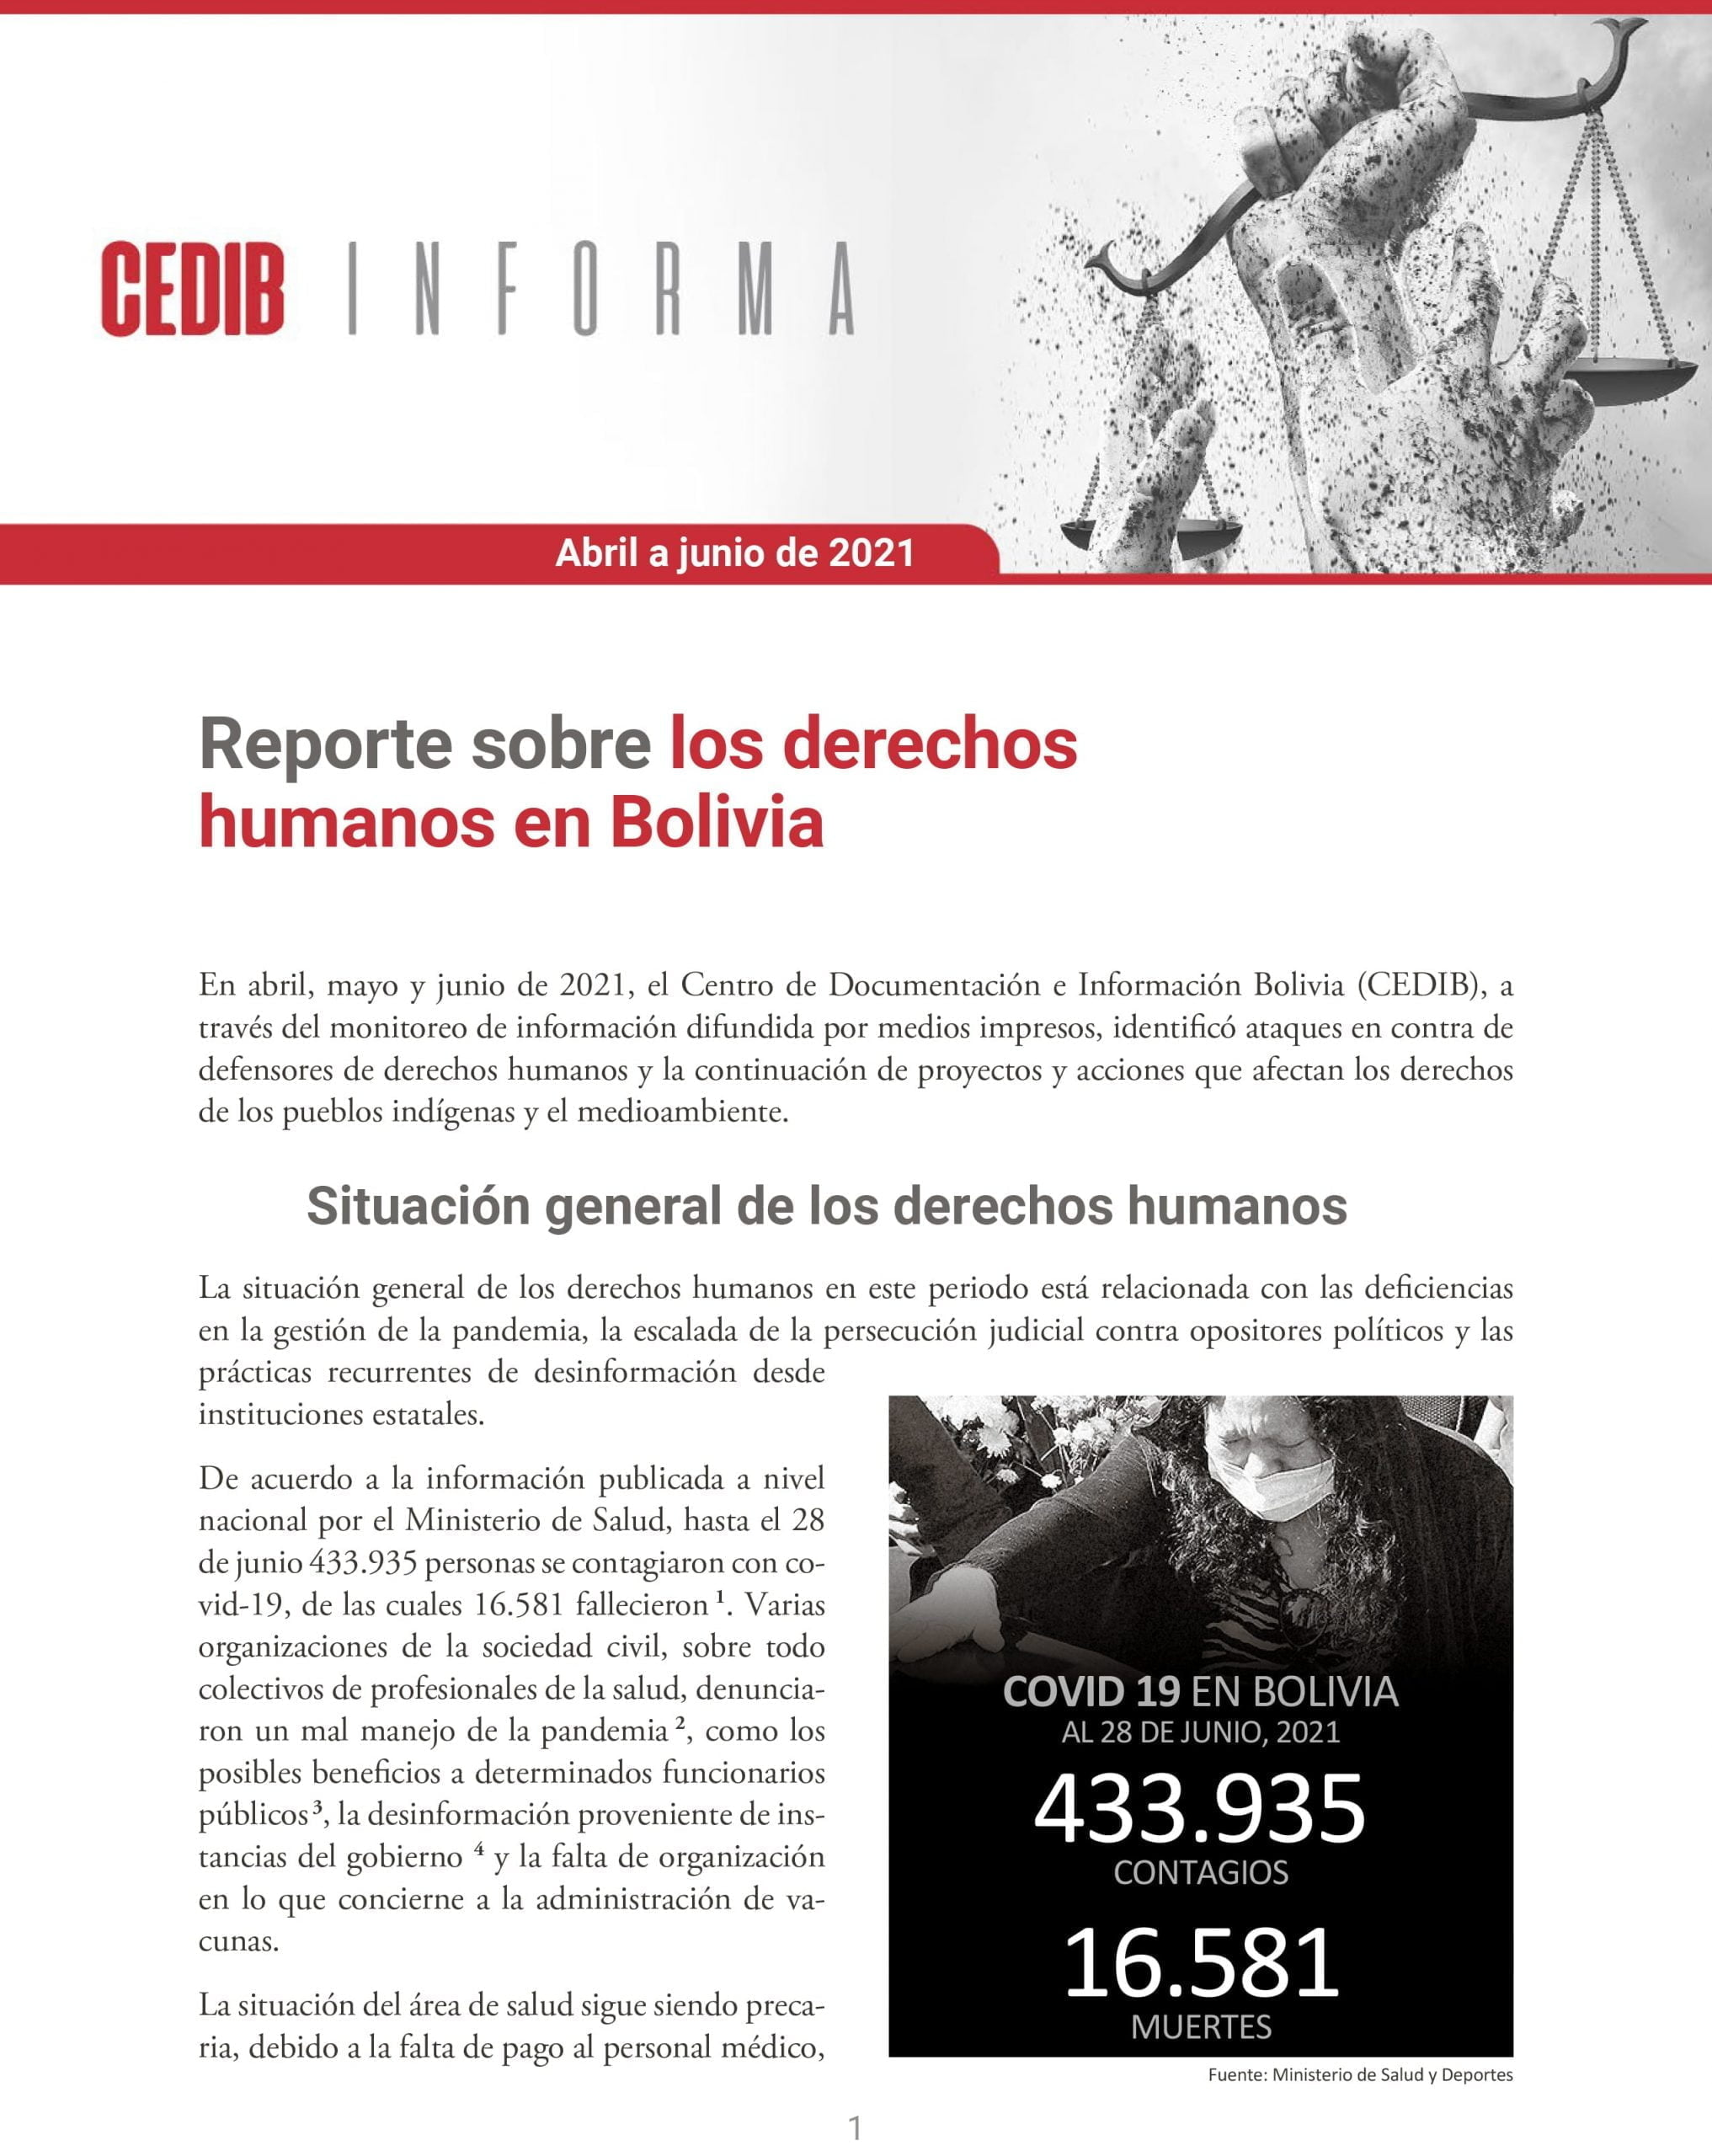 CEDIB Informa: Reporte sobre los derechos humanos en Bolivia (abril a junio 2021)